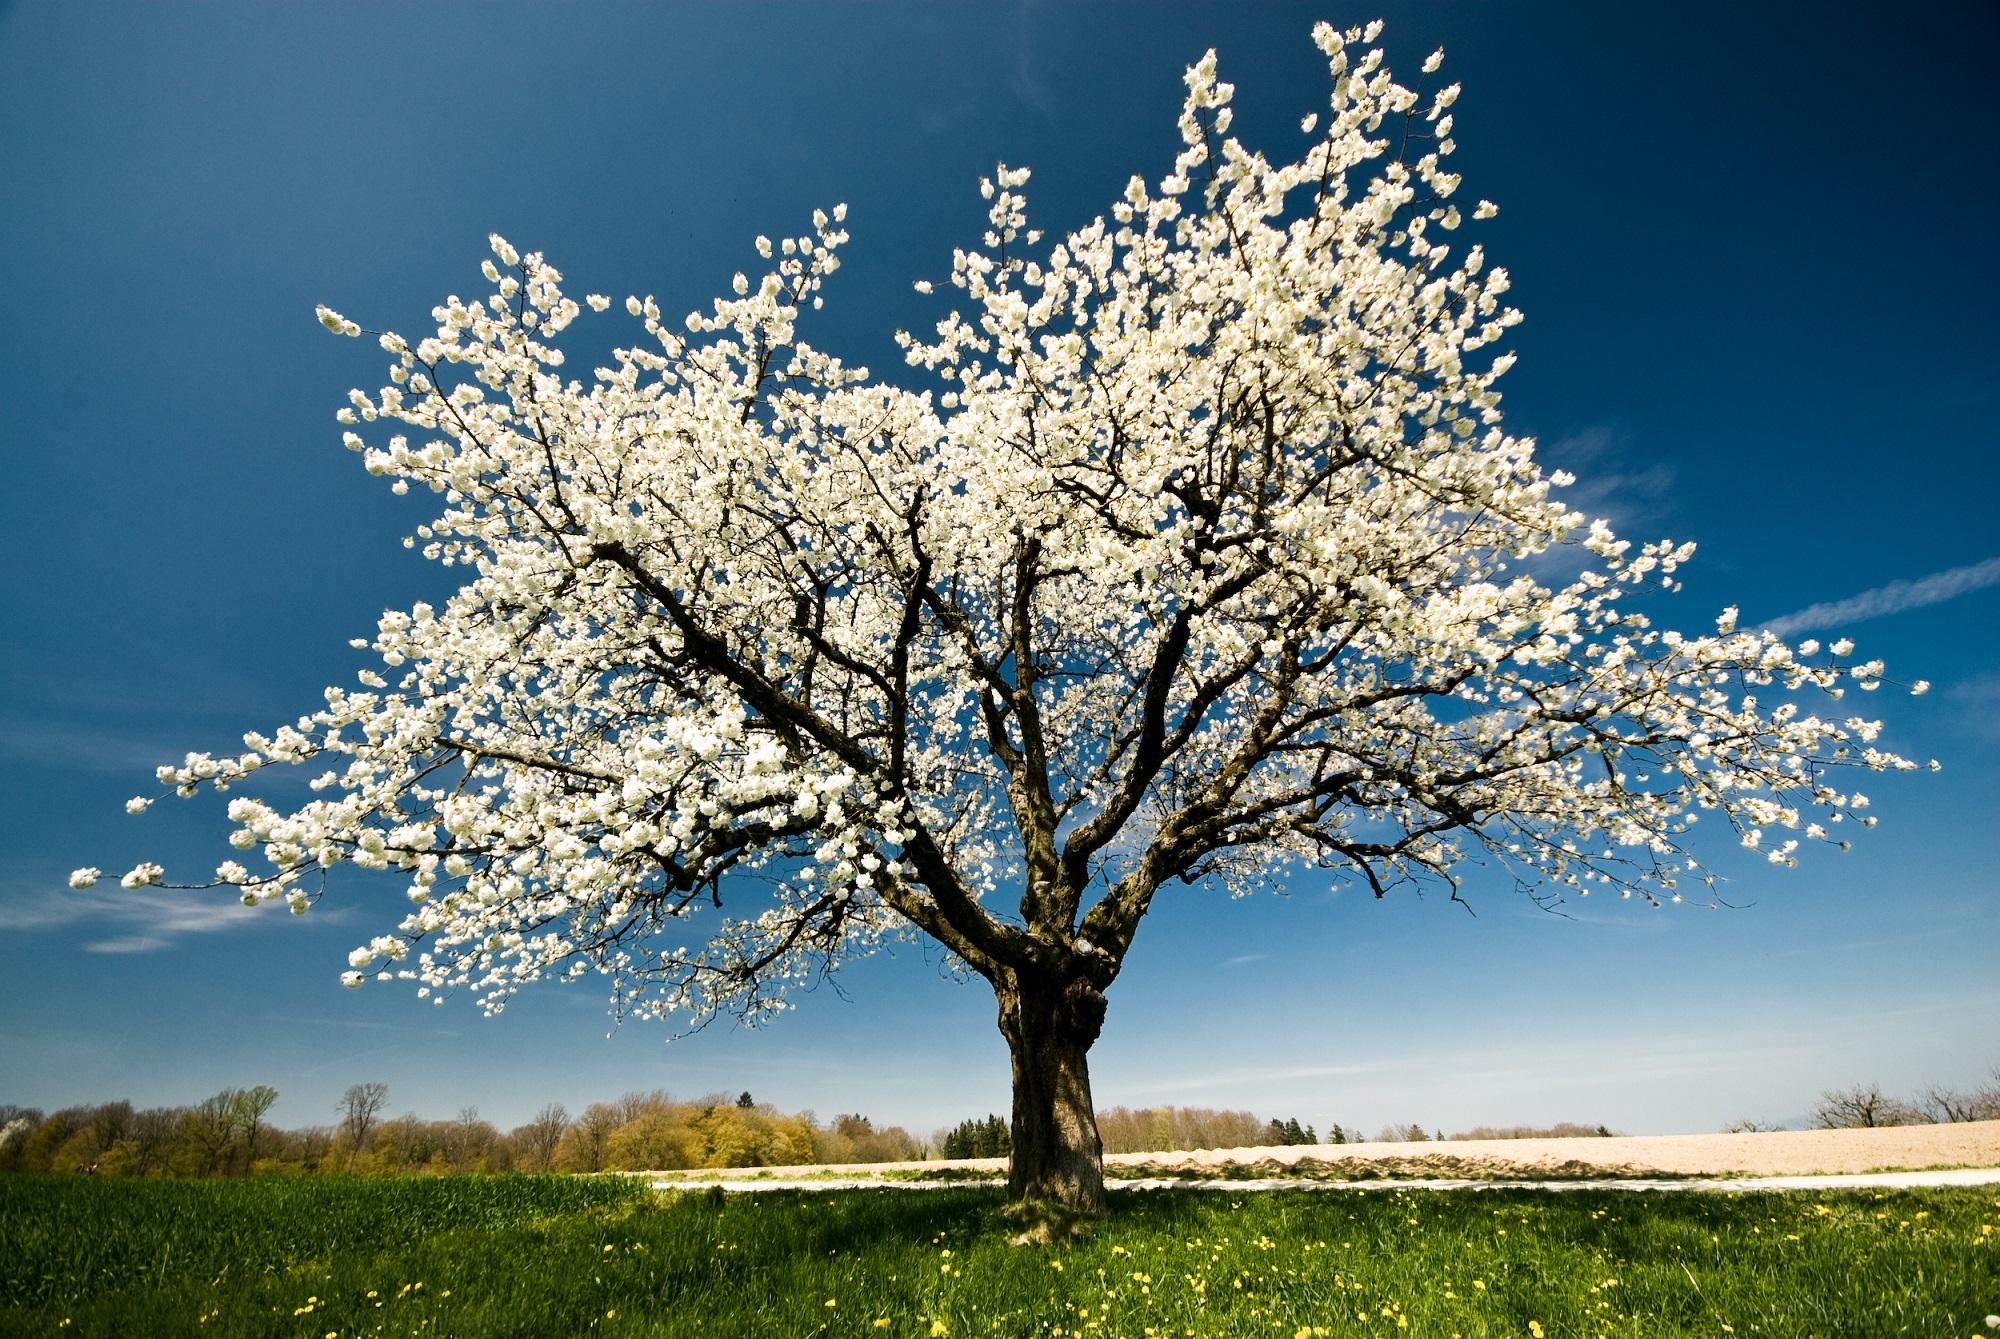 Afbeelding boom in bloei bij haptonomieplus, praktijk voor balans, bewustzijn en groei in Nijmegen